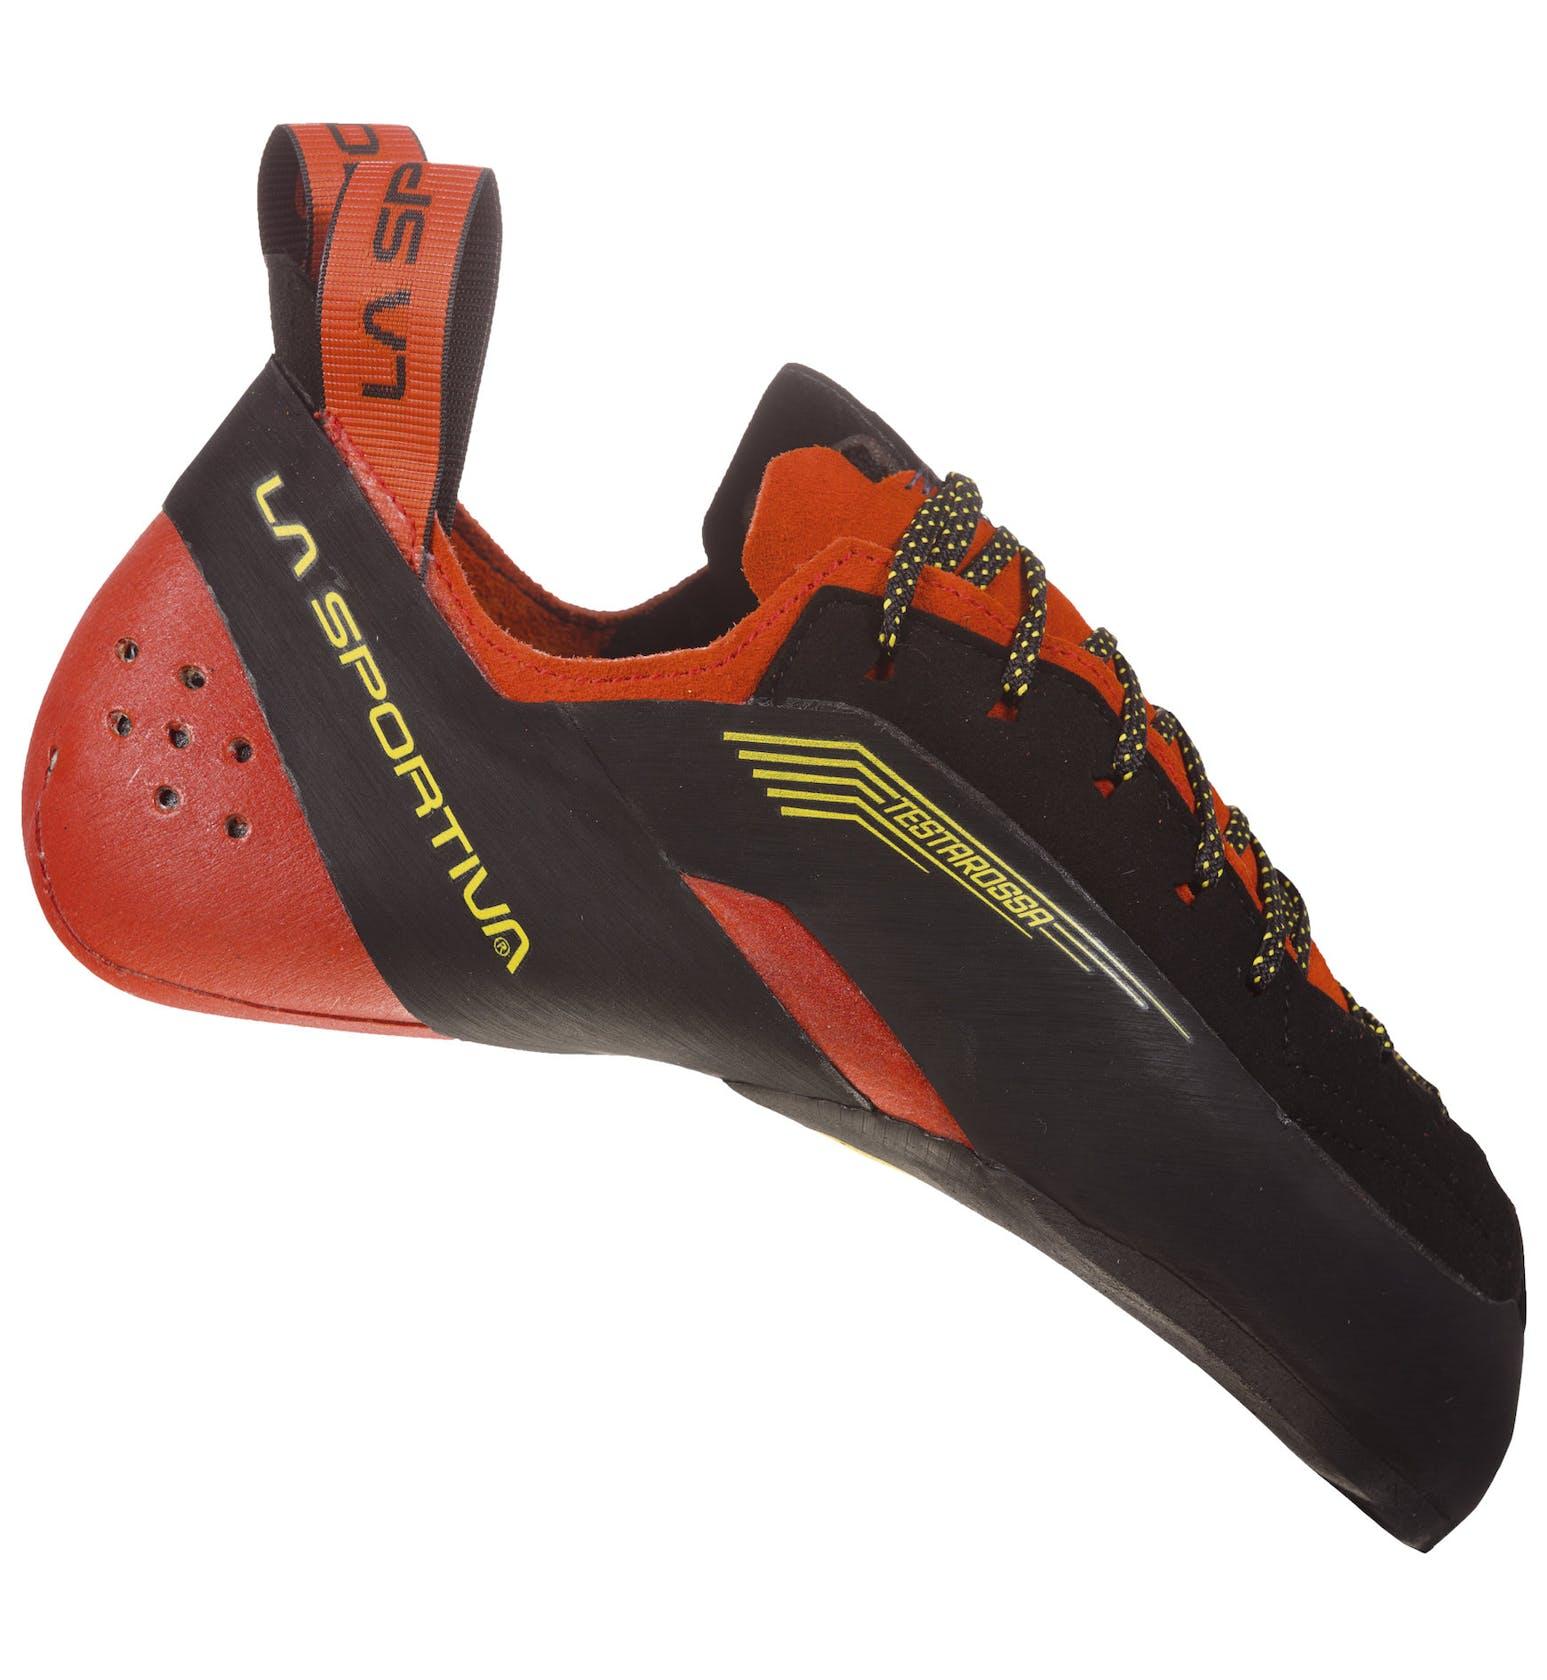 La Sportiva Testarossa - Kletter- und Boulderschuhe - Herren